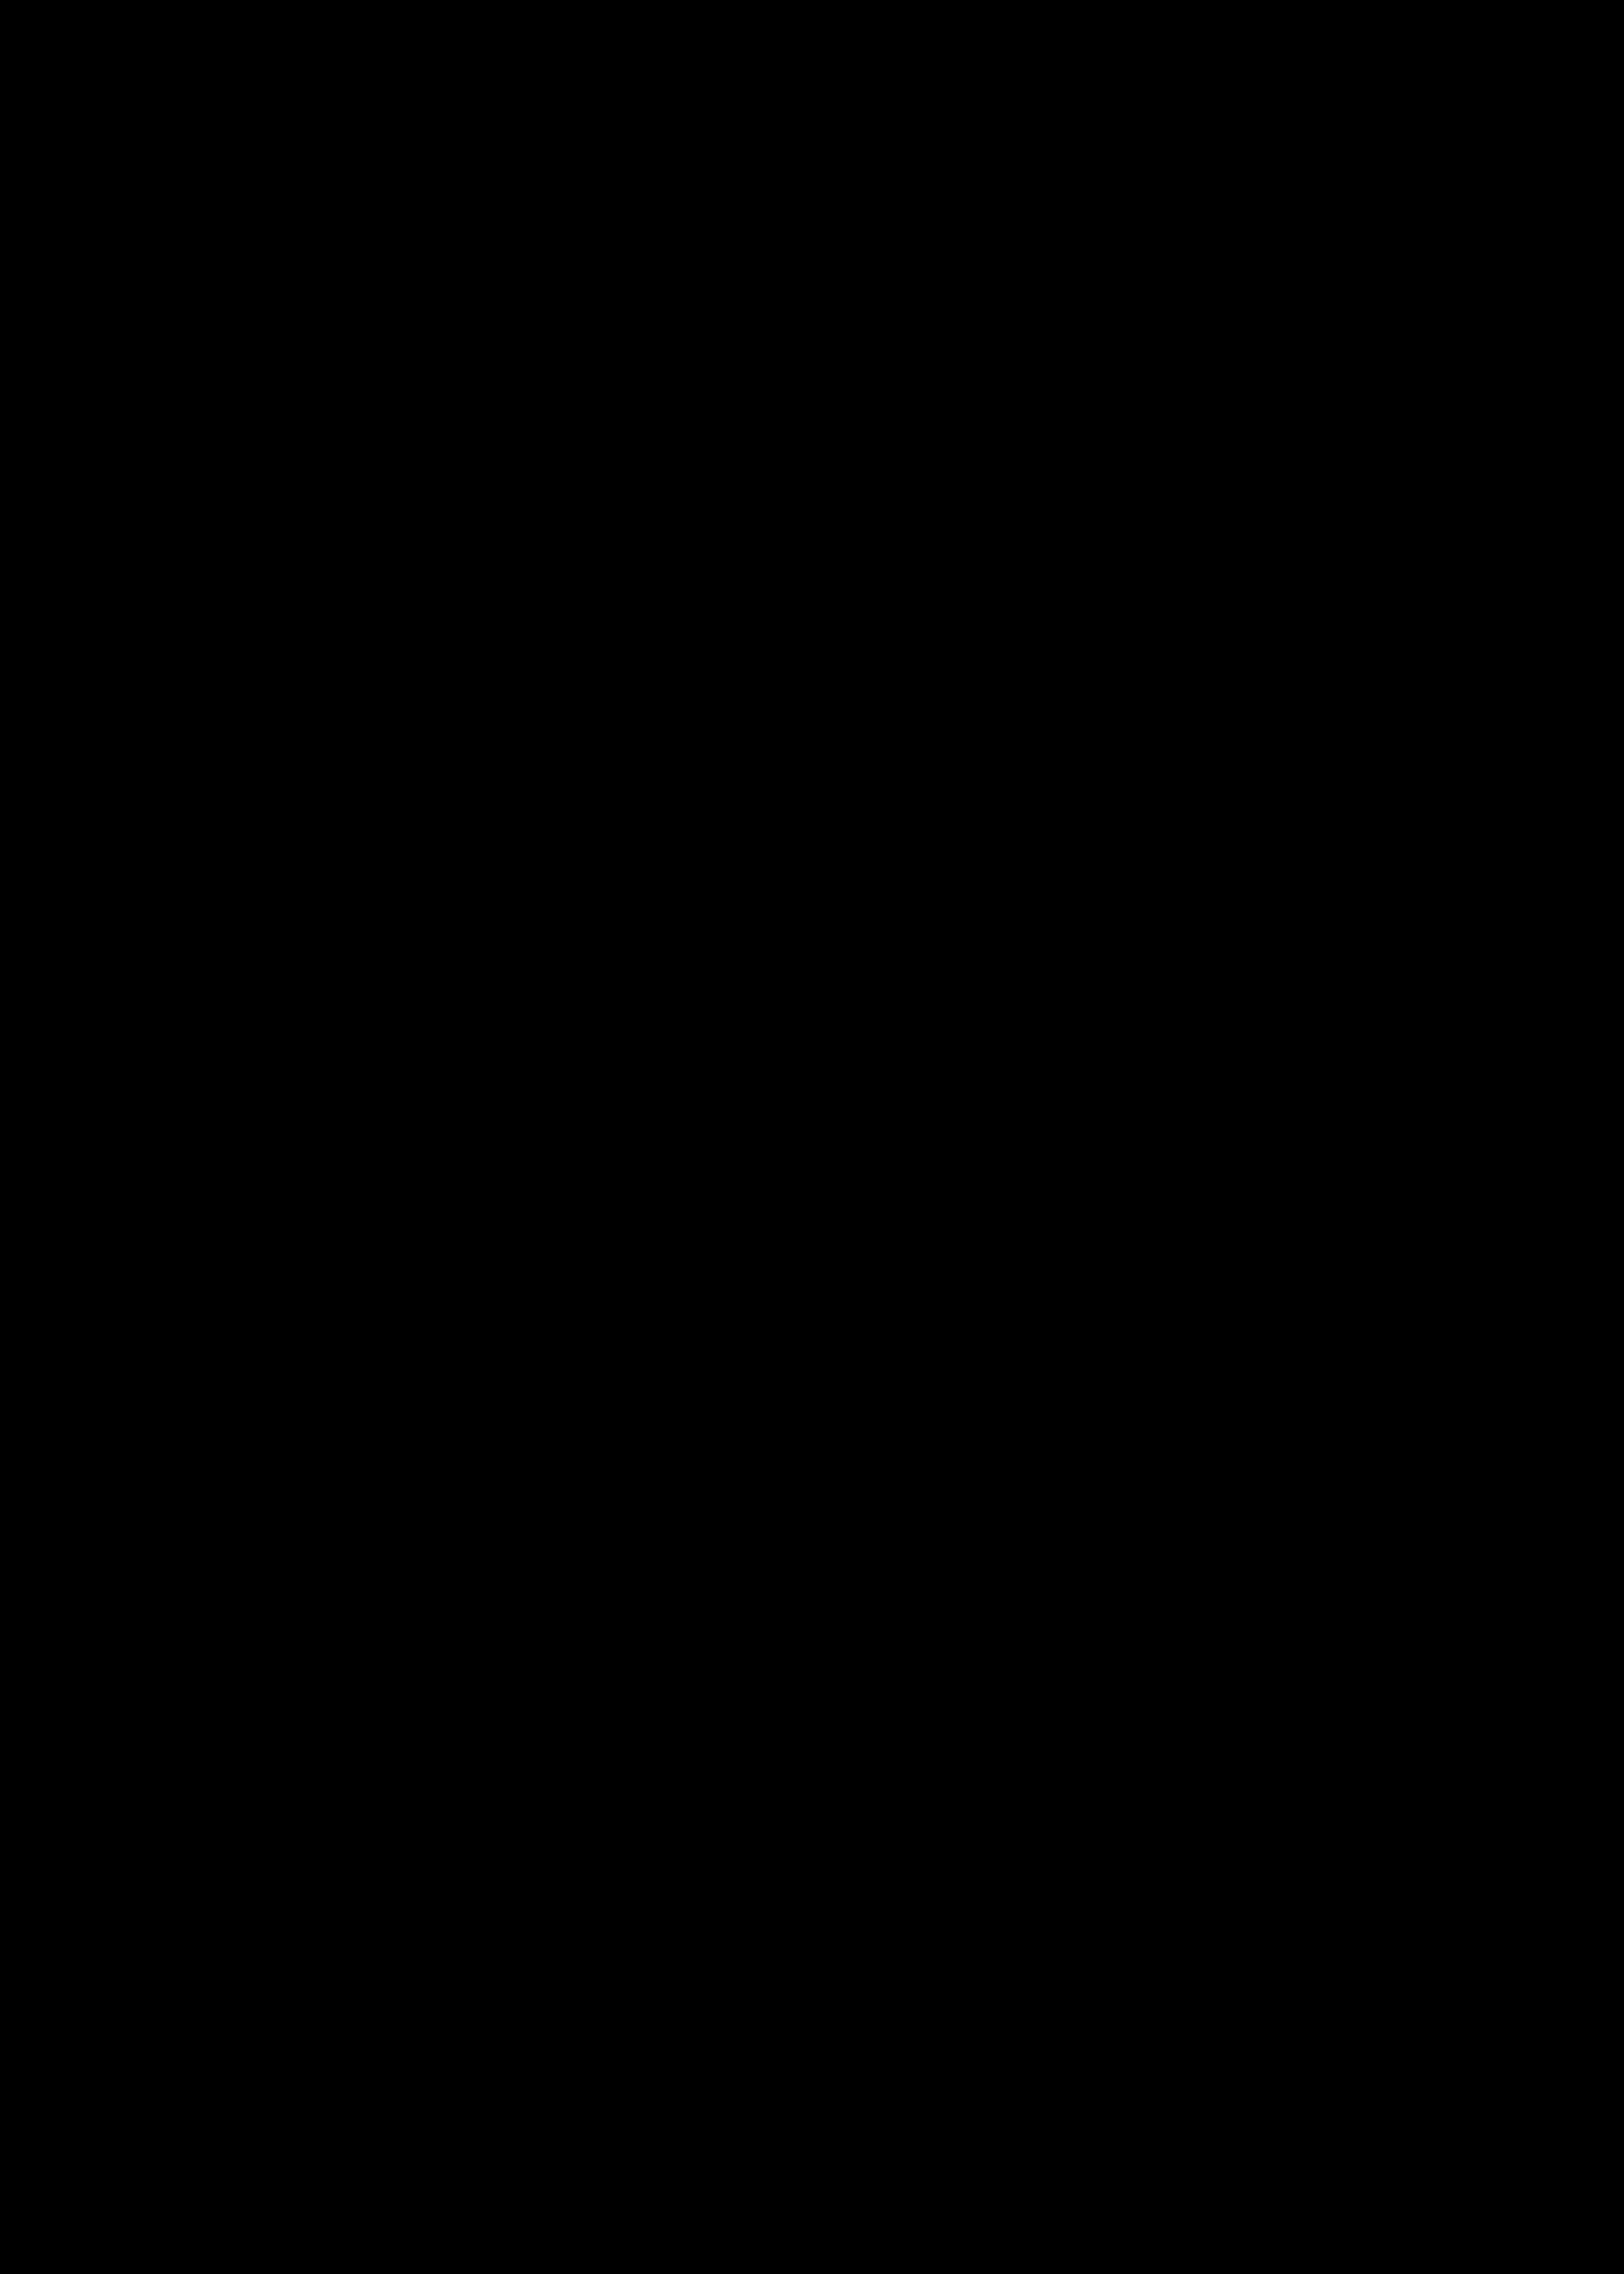 A2_visuel_depotsCSE_MONSIEUR_IMP.jpg